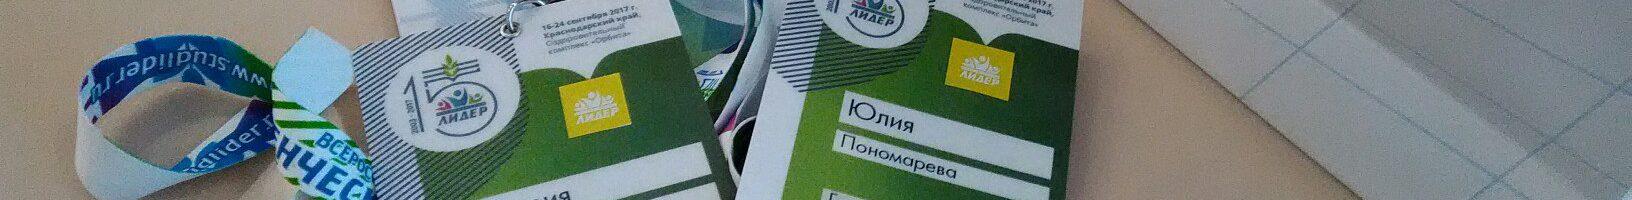 Всероссийский конкурс «Студенческий лидер — 2017»